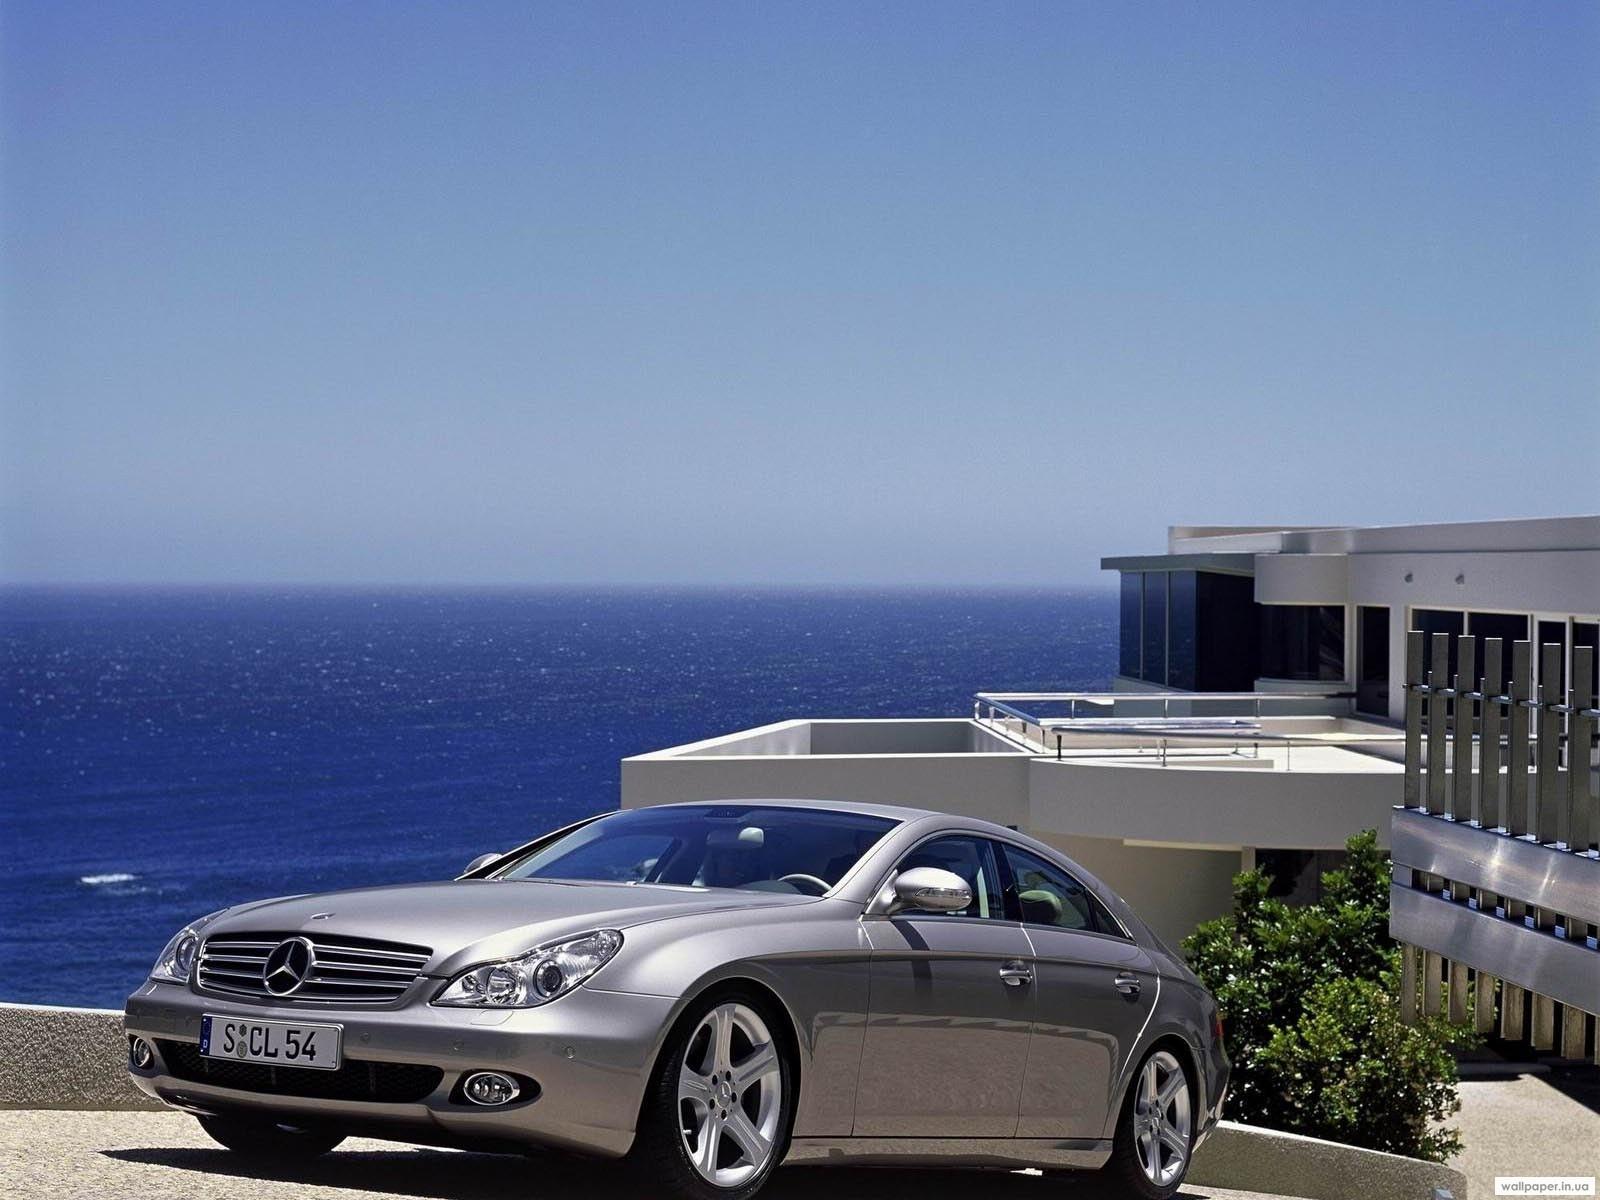 3128 скачать обои Транспорт, Машины, Мерседес (Mercedes) - заставки и картинки бесплатно